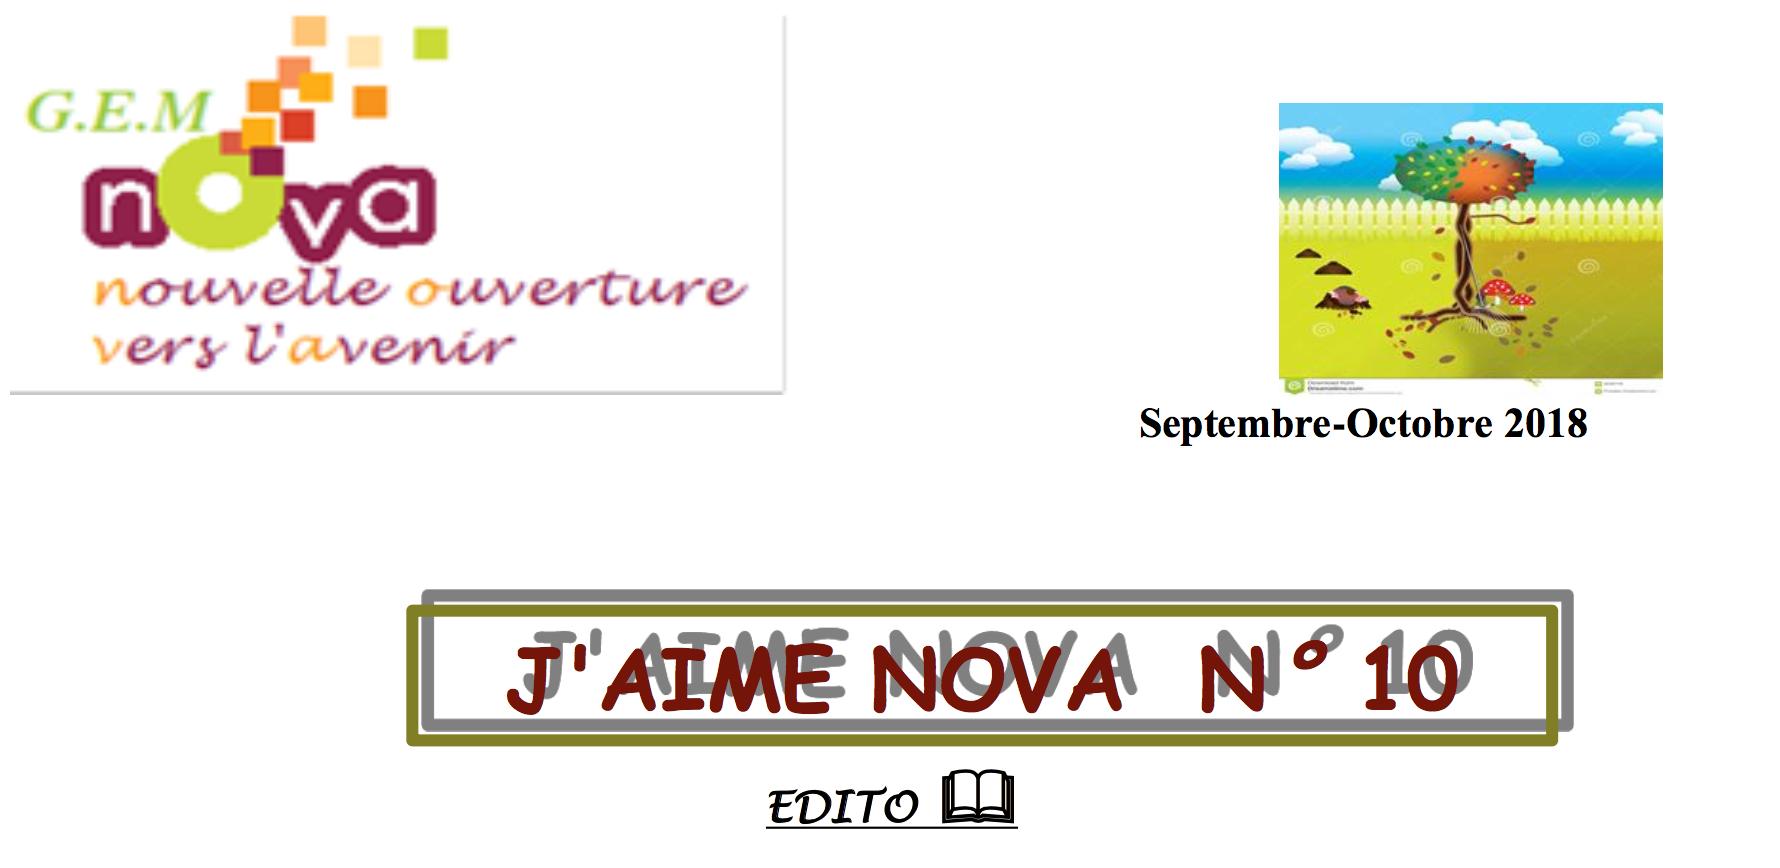 couverture du bulletin d'information de l'association GEM NOVA pour les mois de septembre et octobre 2018